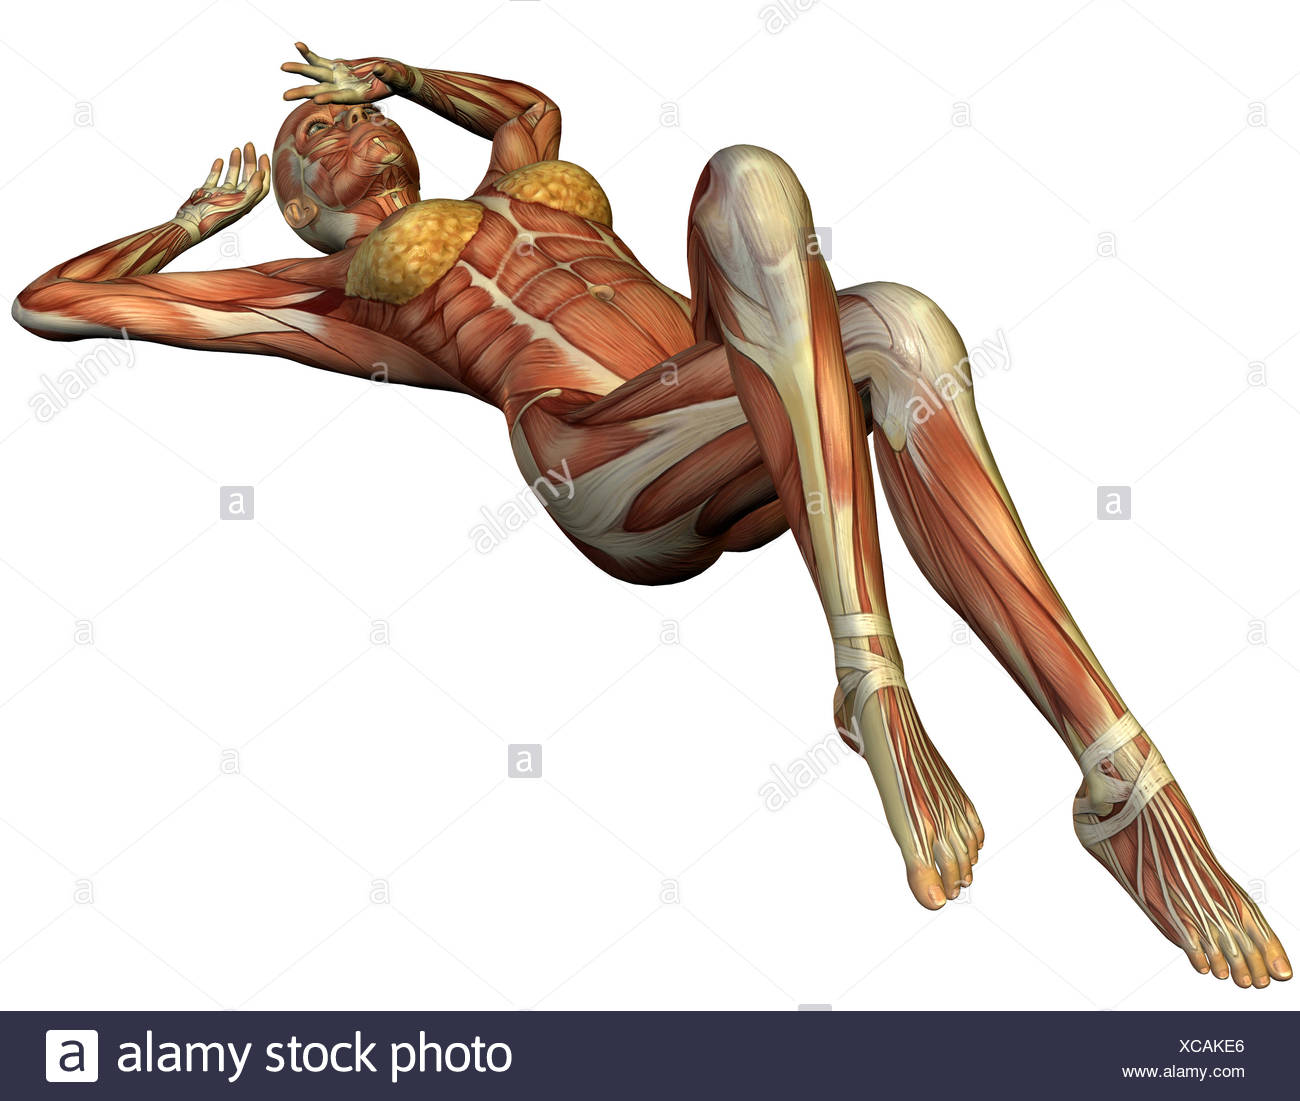 Anatomie Rucken Stockfotos & Anatomie Rucken Bilder - Alamy